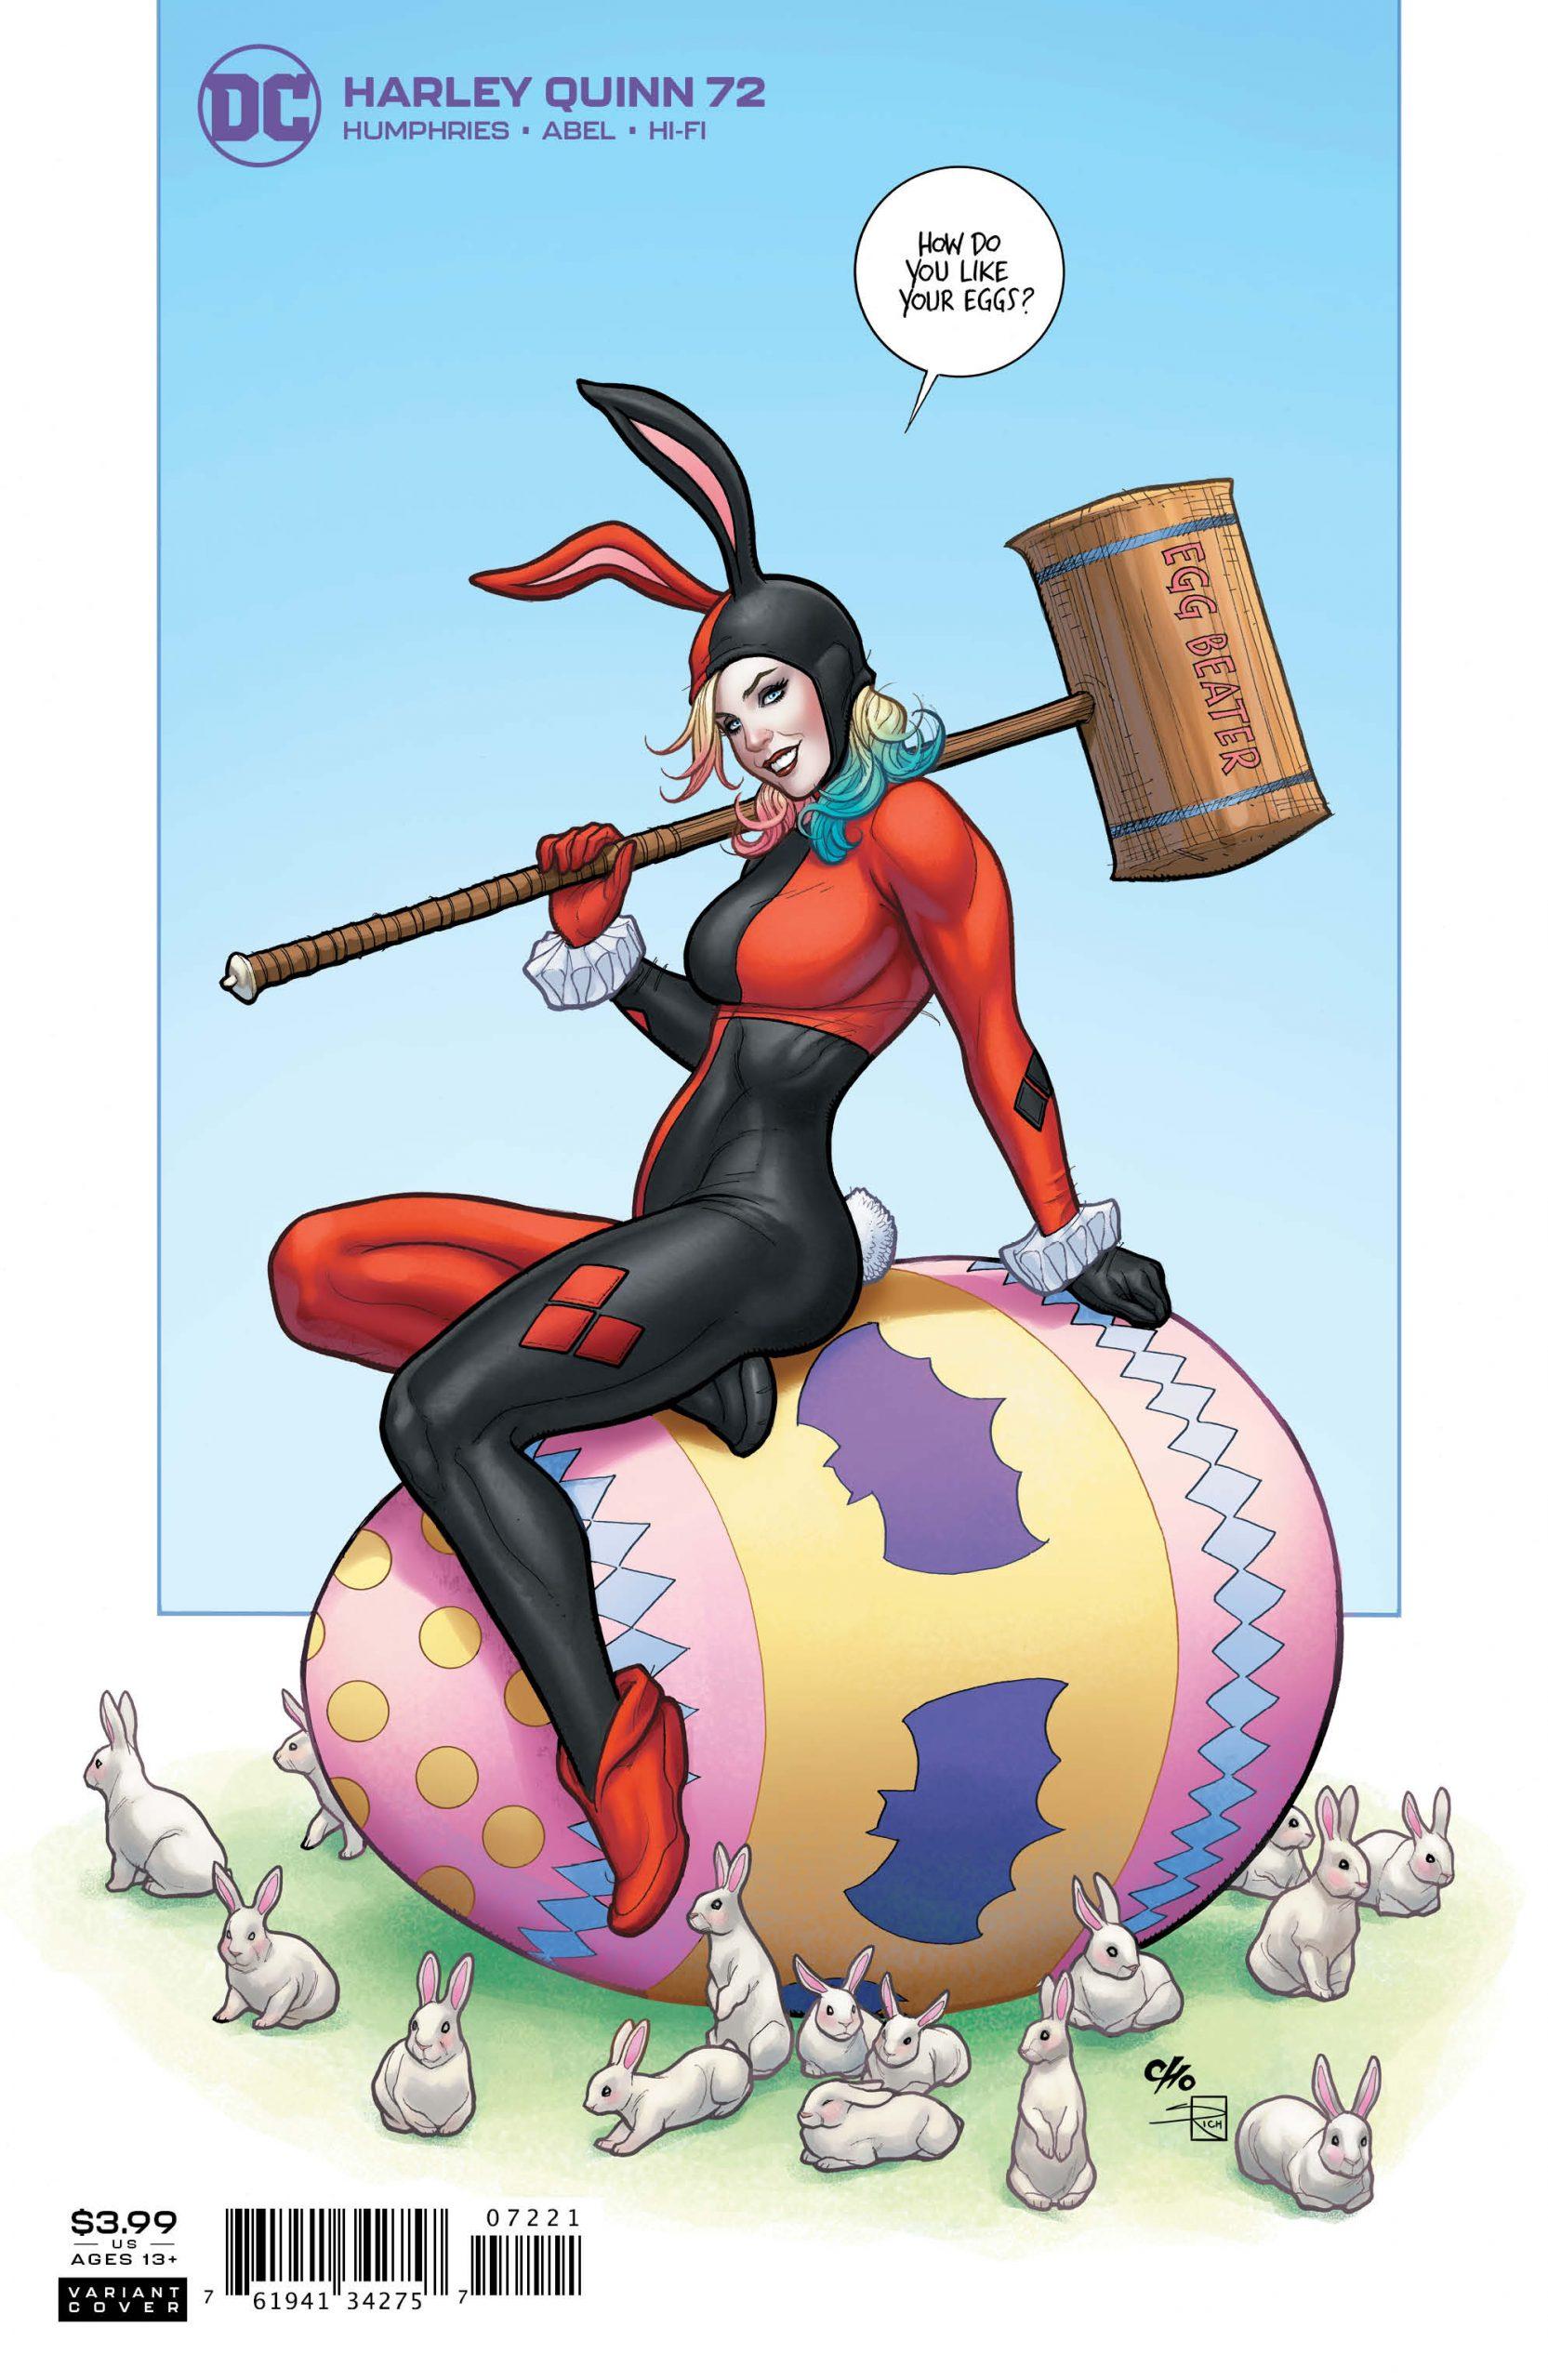 Harley Quinn #72 Variant Cover